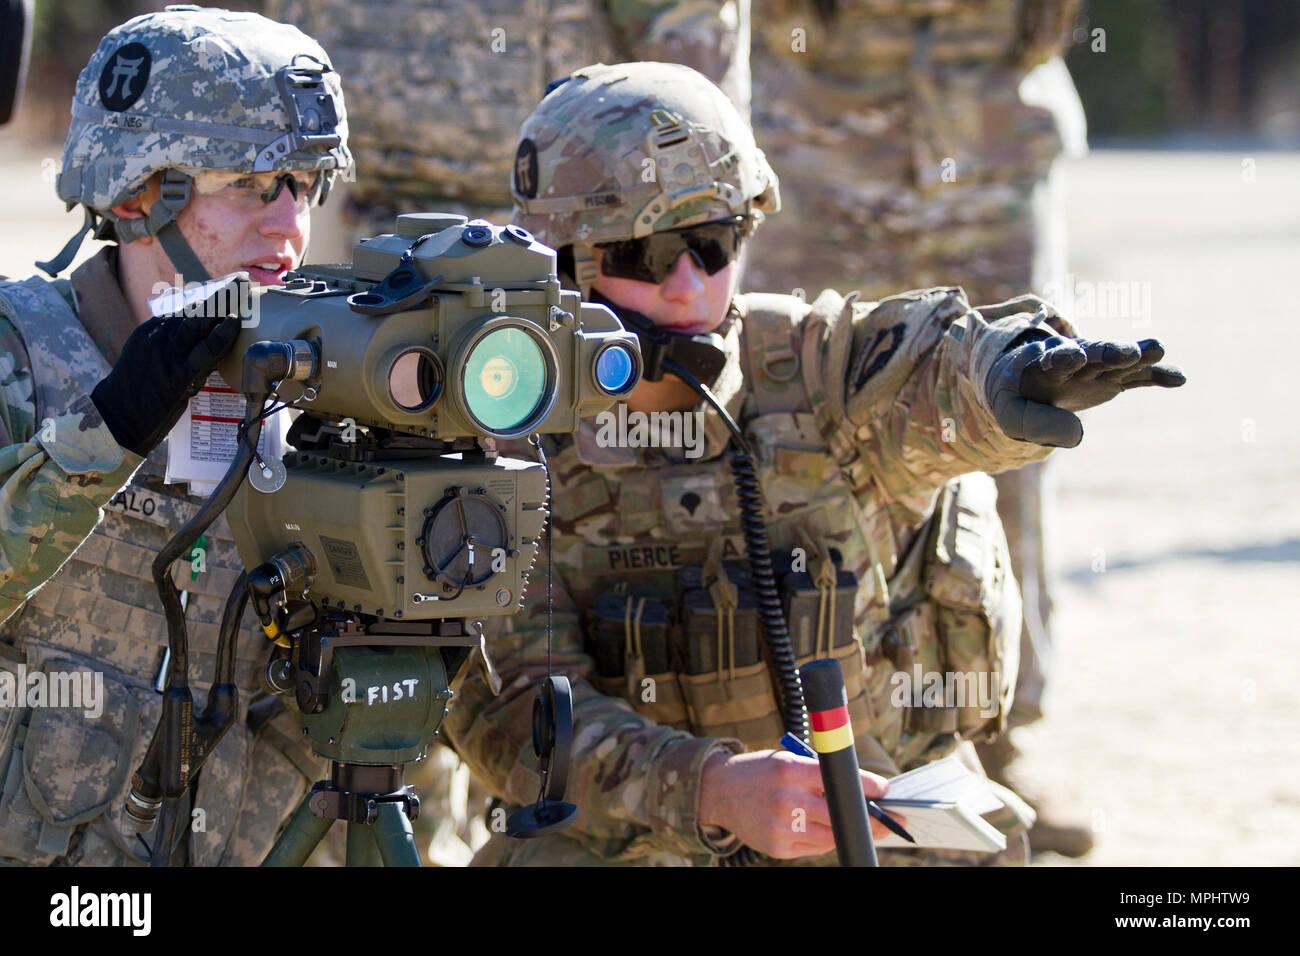 Entfernungsmesser Us Army : Us armee pvt daniel malo ein feuer kontrolliert fachmann mit der